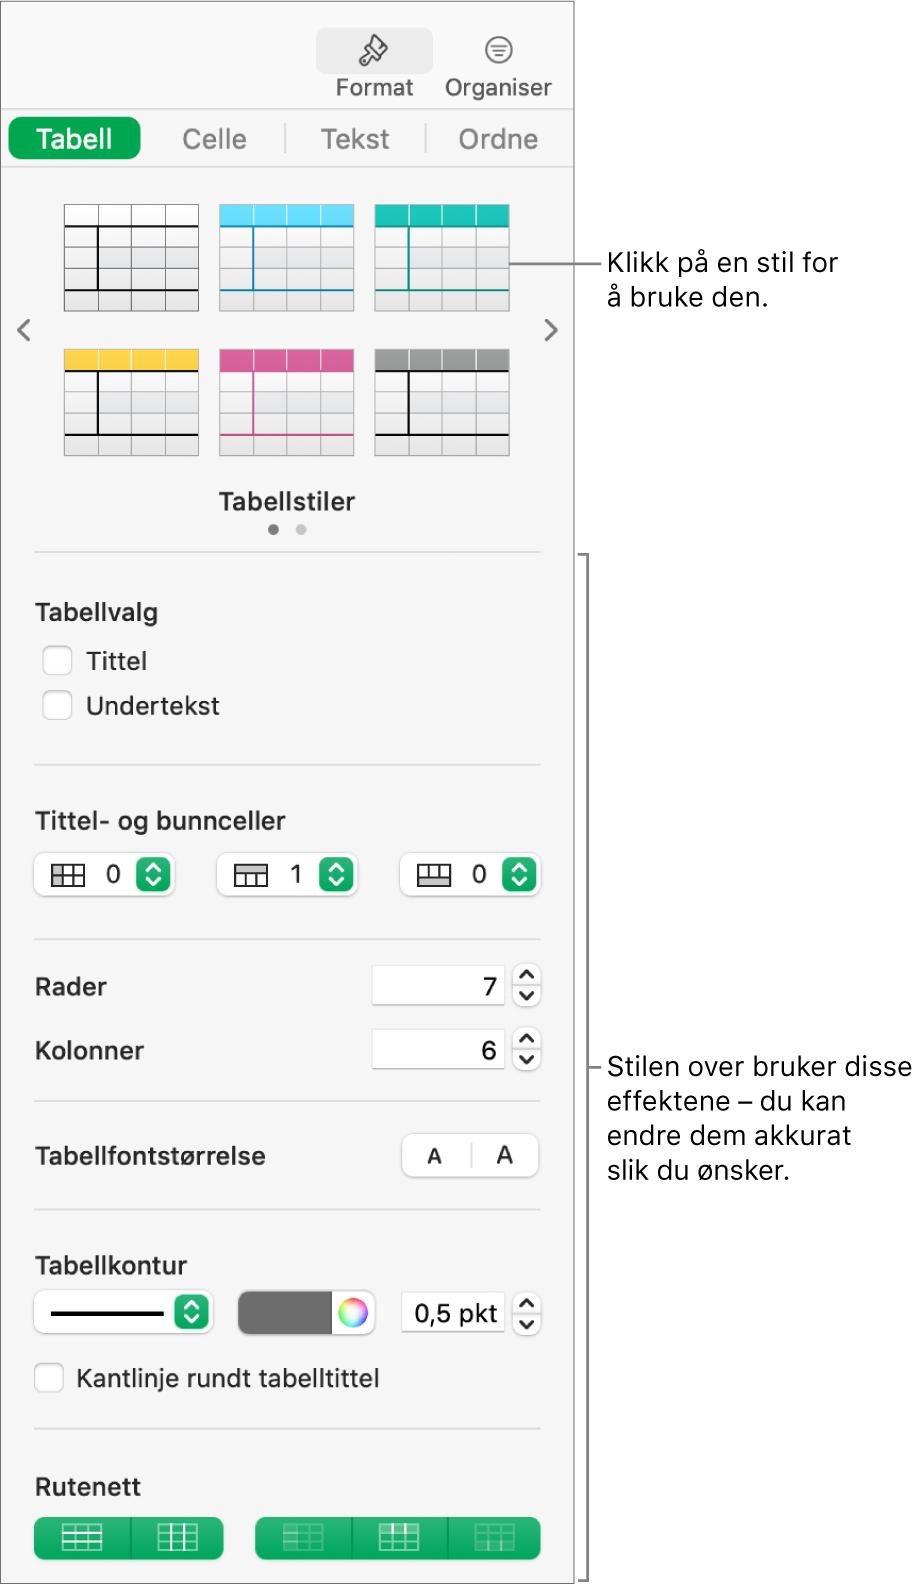 Format-sidepanelet, som viser tabellstiler og formateringsvalg.